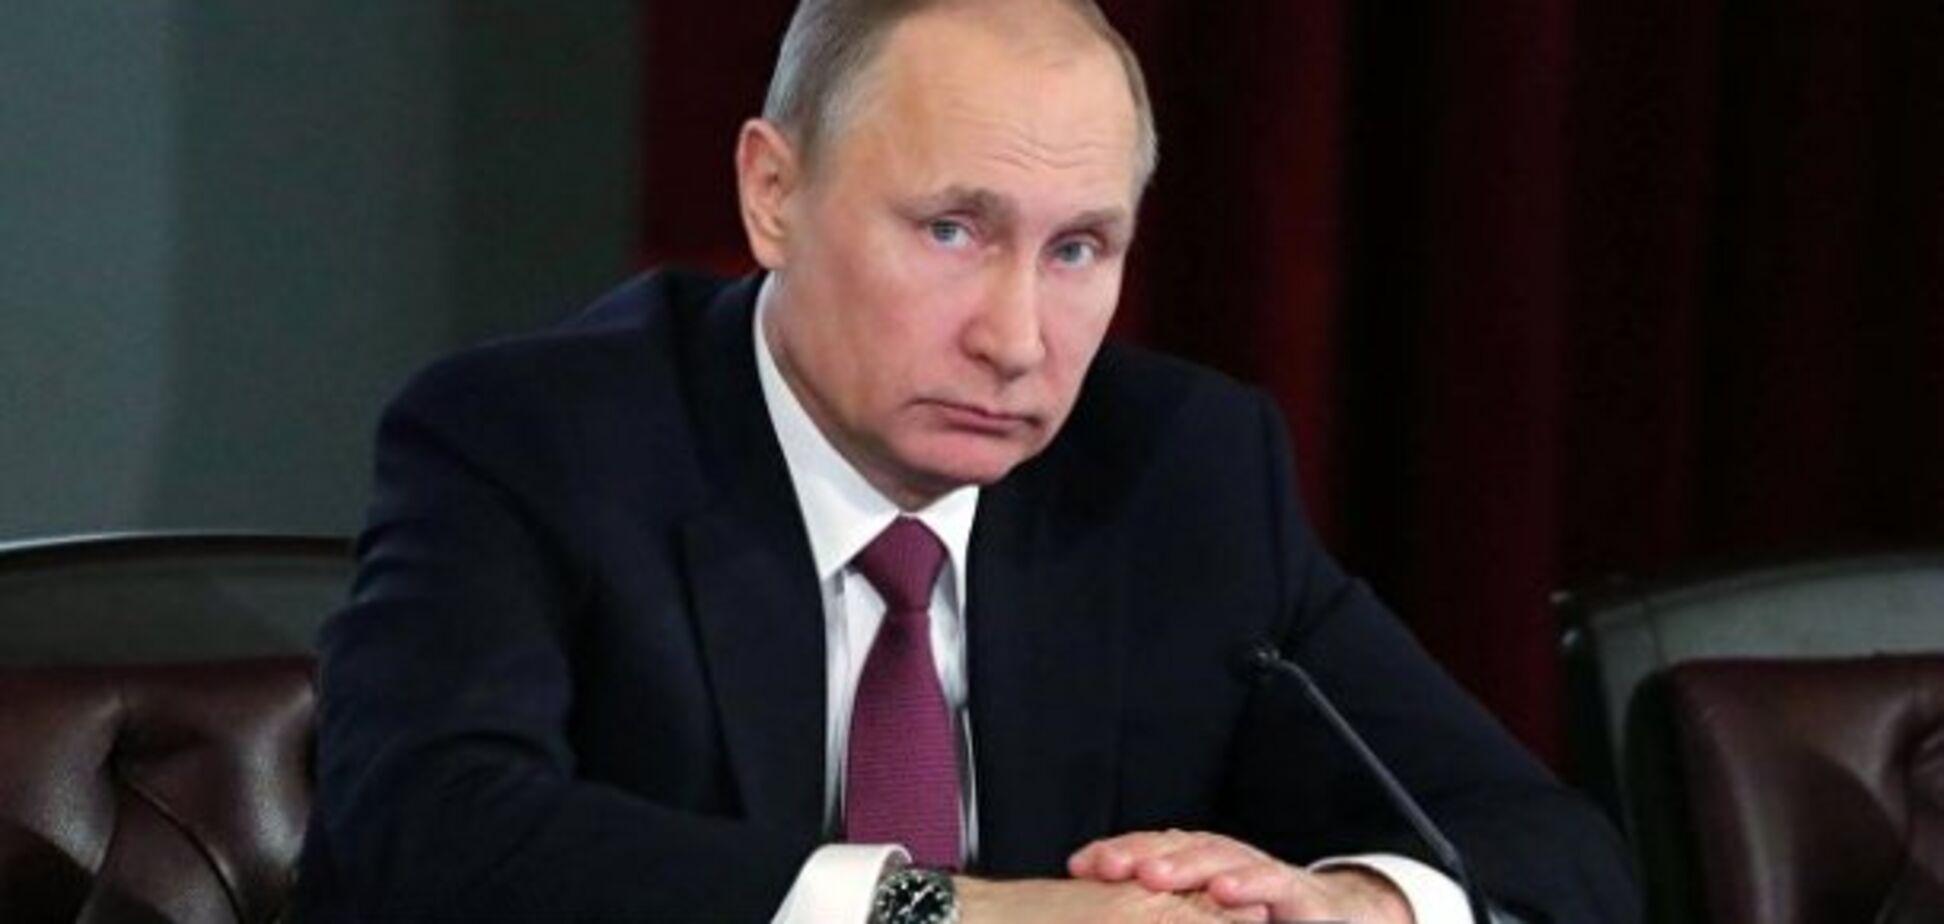 Не признать Путина президентом: чем это обернется для Украины